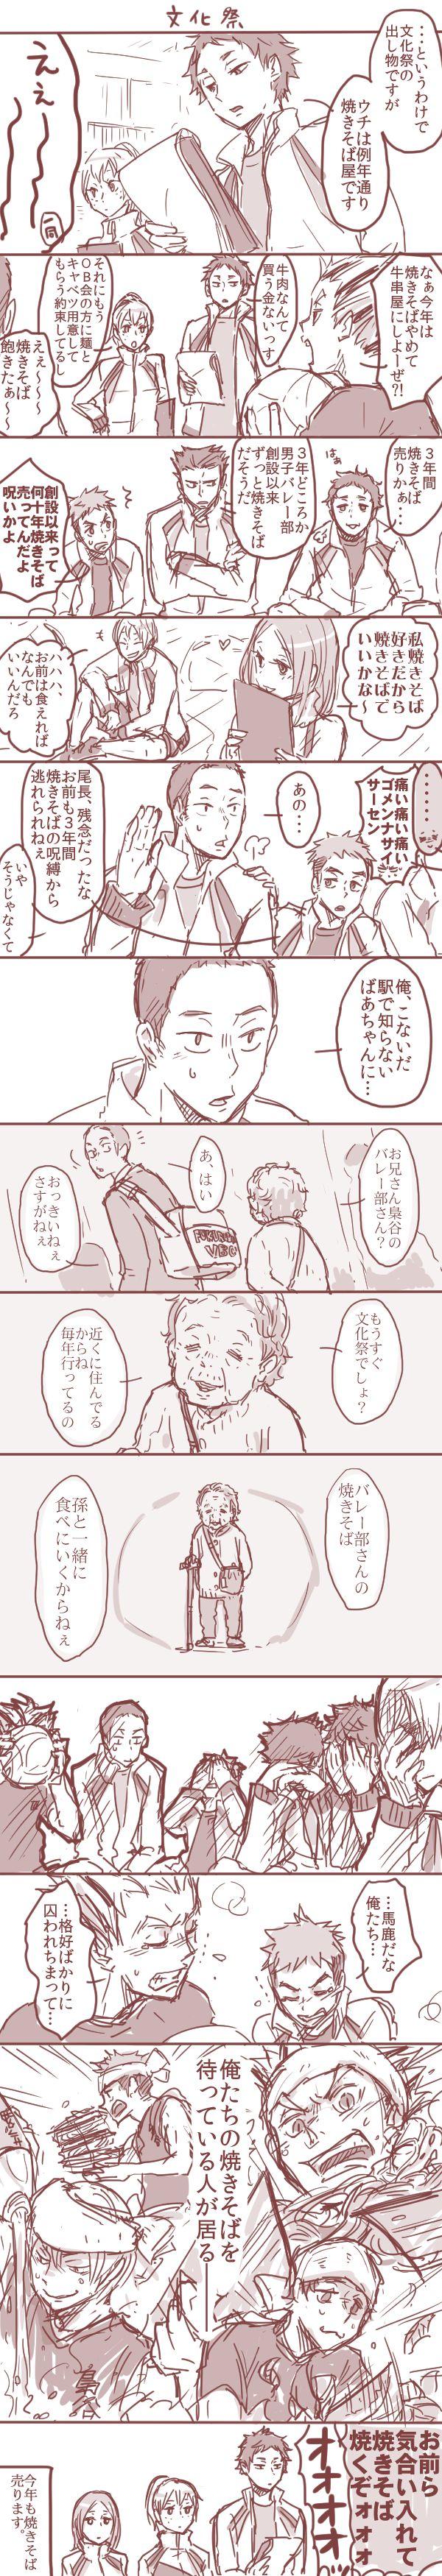 「【ネタバレ含】HQいろいろ」/「みさき」の漫画 [pixiv]